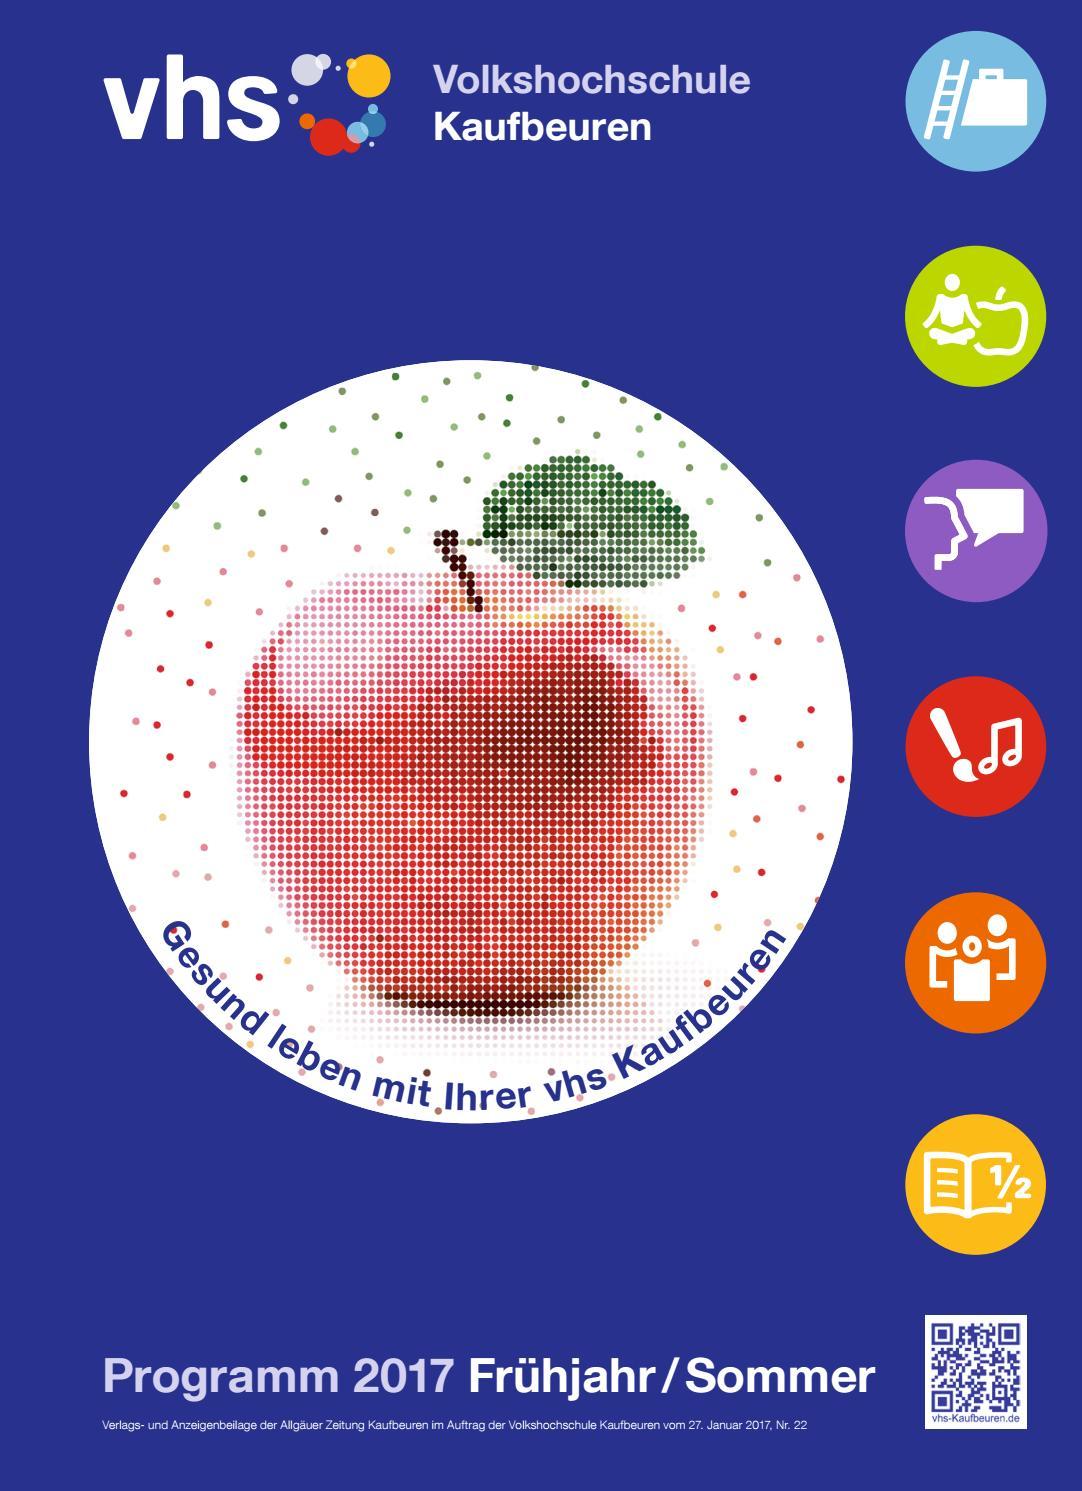 Programm frühjahr sommer 2017 vhs kaufbeuren by Volkshochschule ...